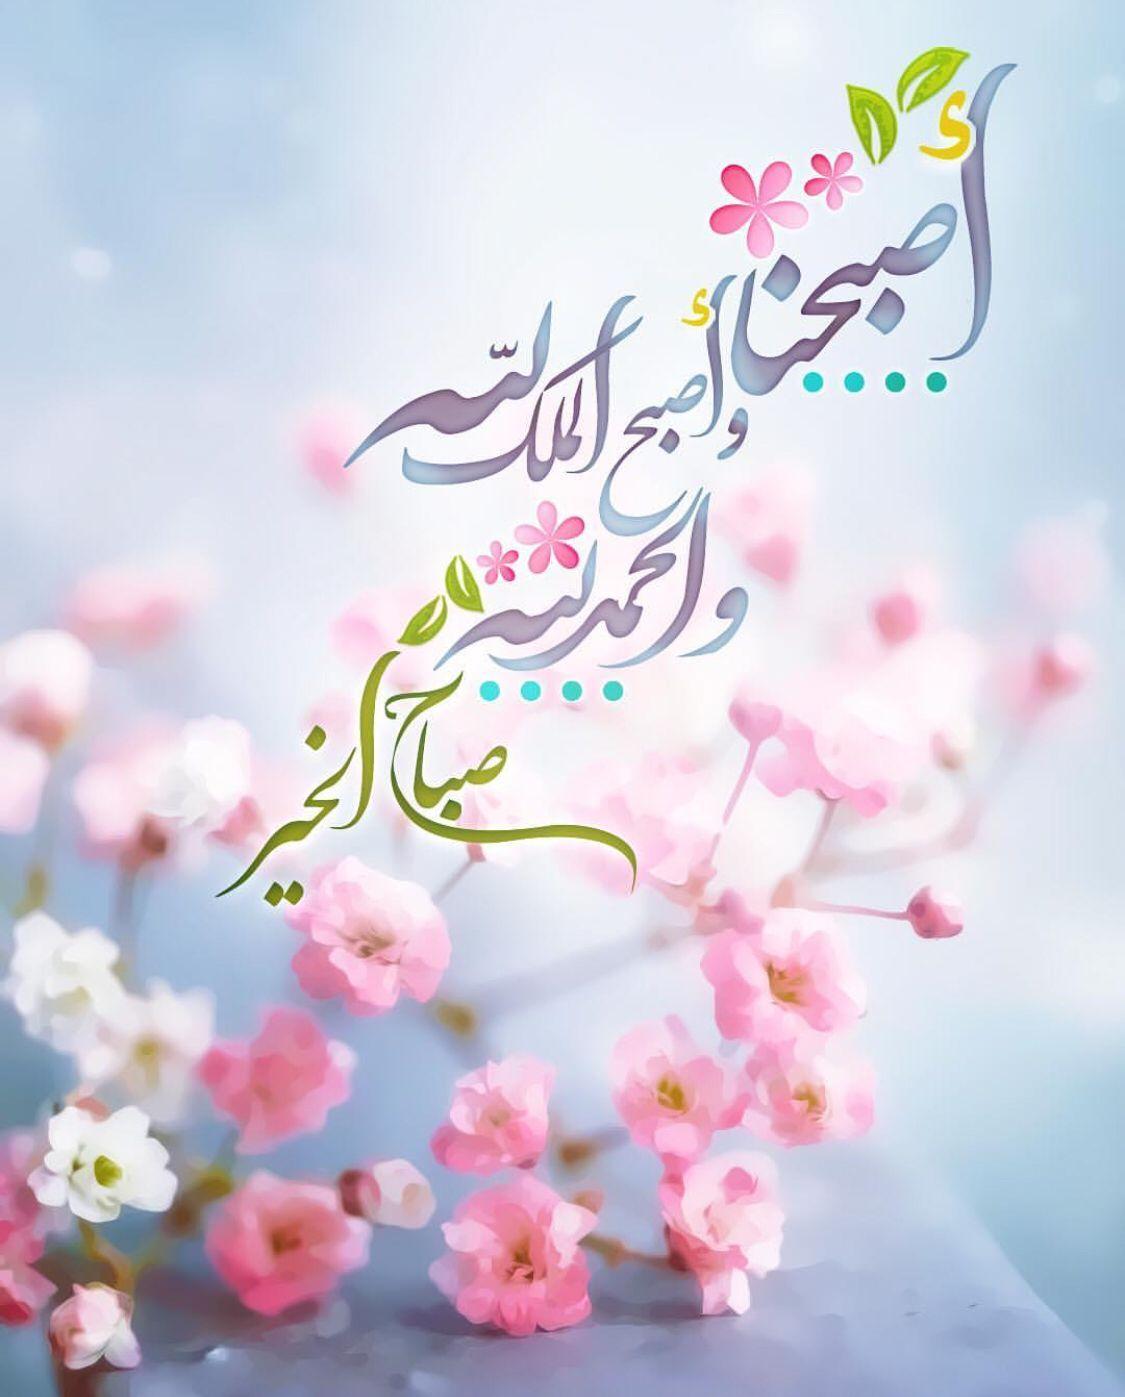 صباح الخير والبركة الخير صباح والبركة Morning Greeting Beautiful Morning Messages Islamic Images